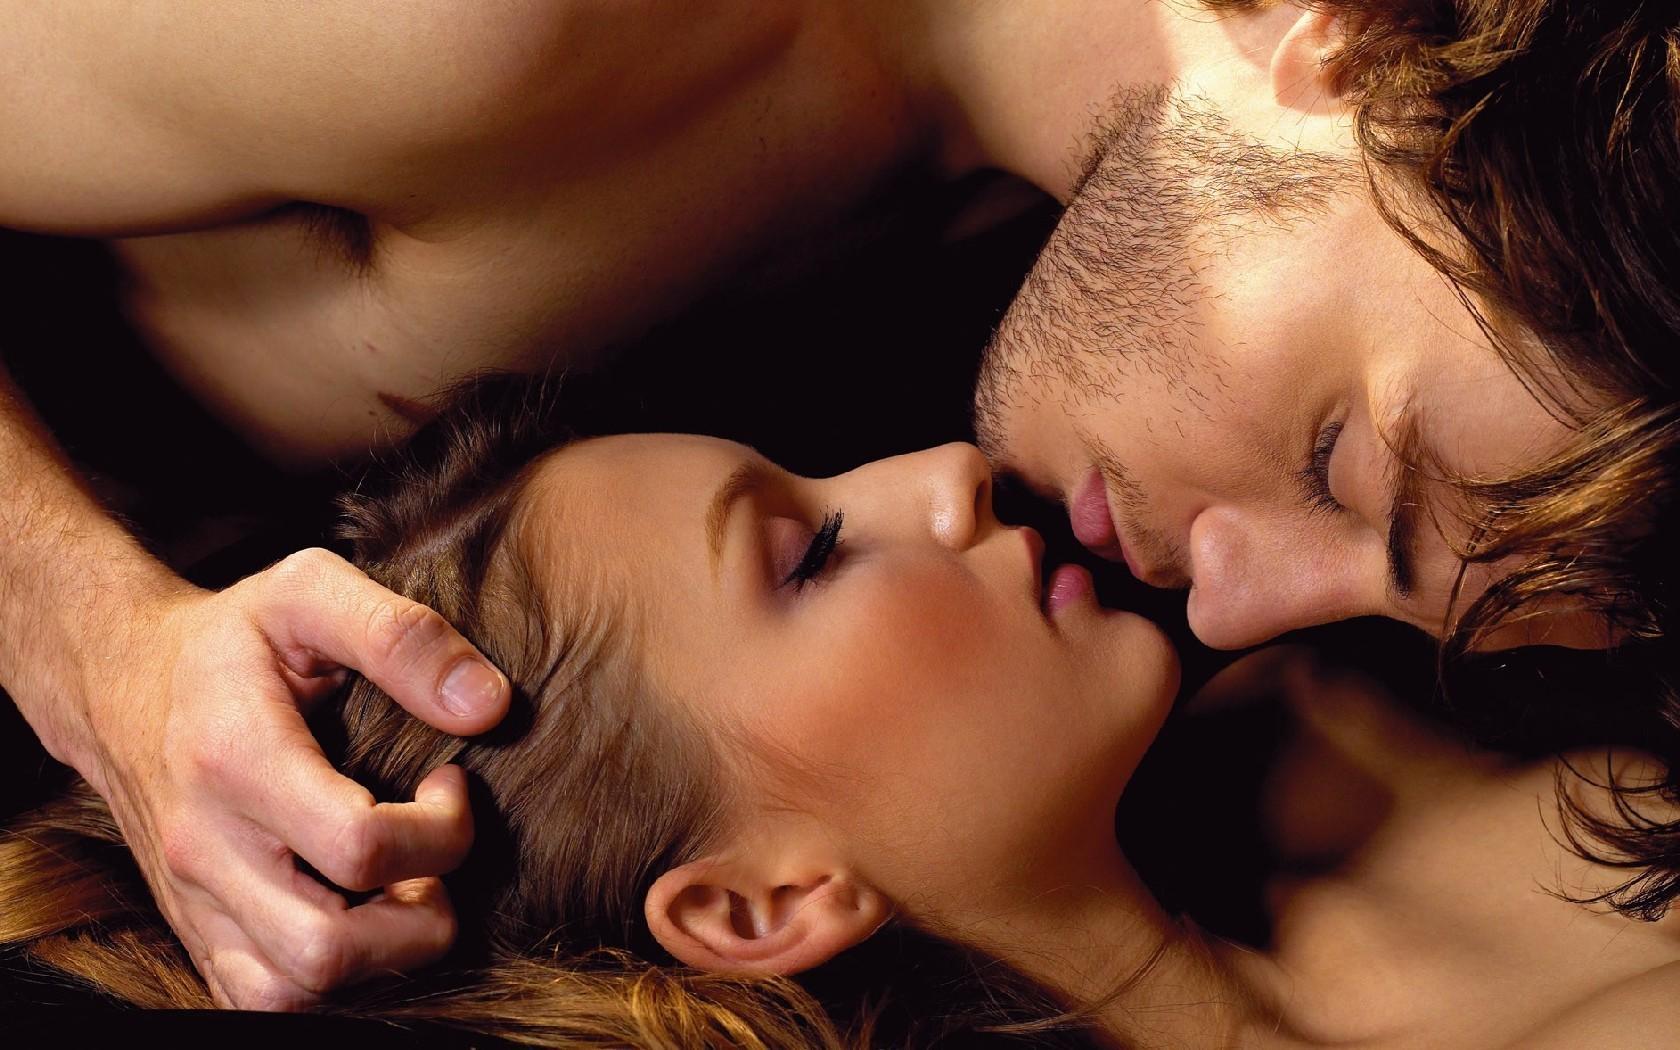 Случайные половые связи русских парней и девушек смотреть онлайн 26 фотография